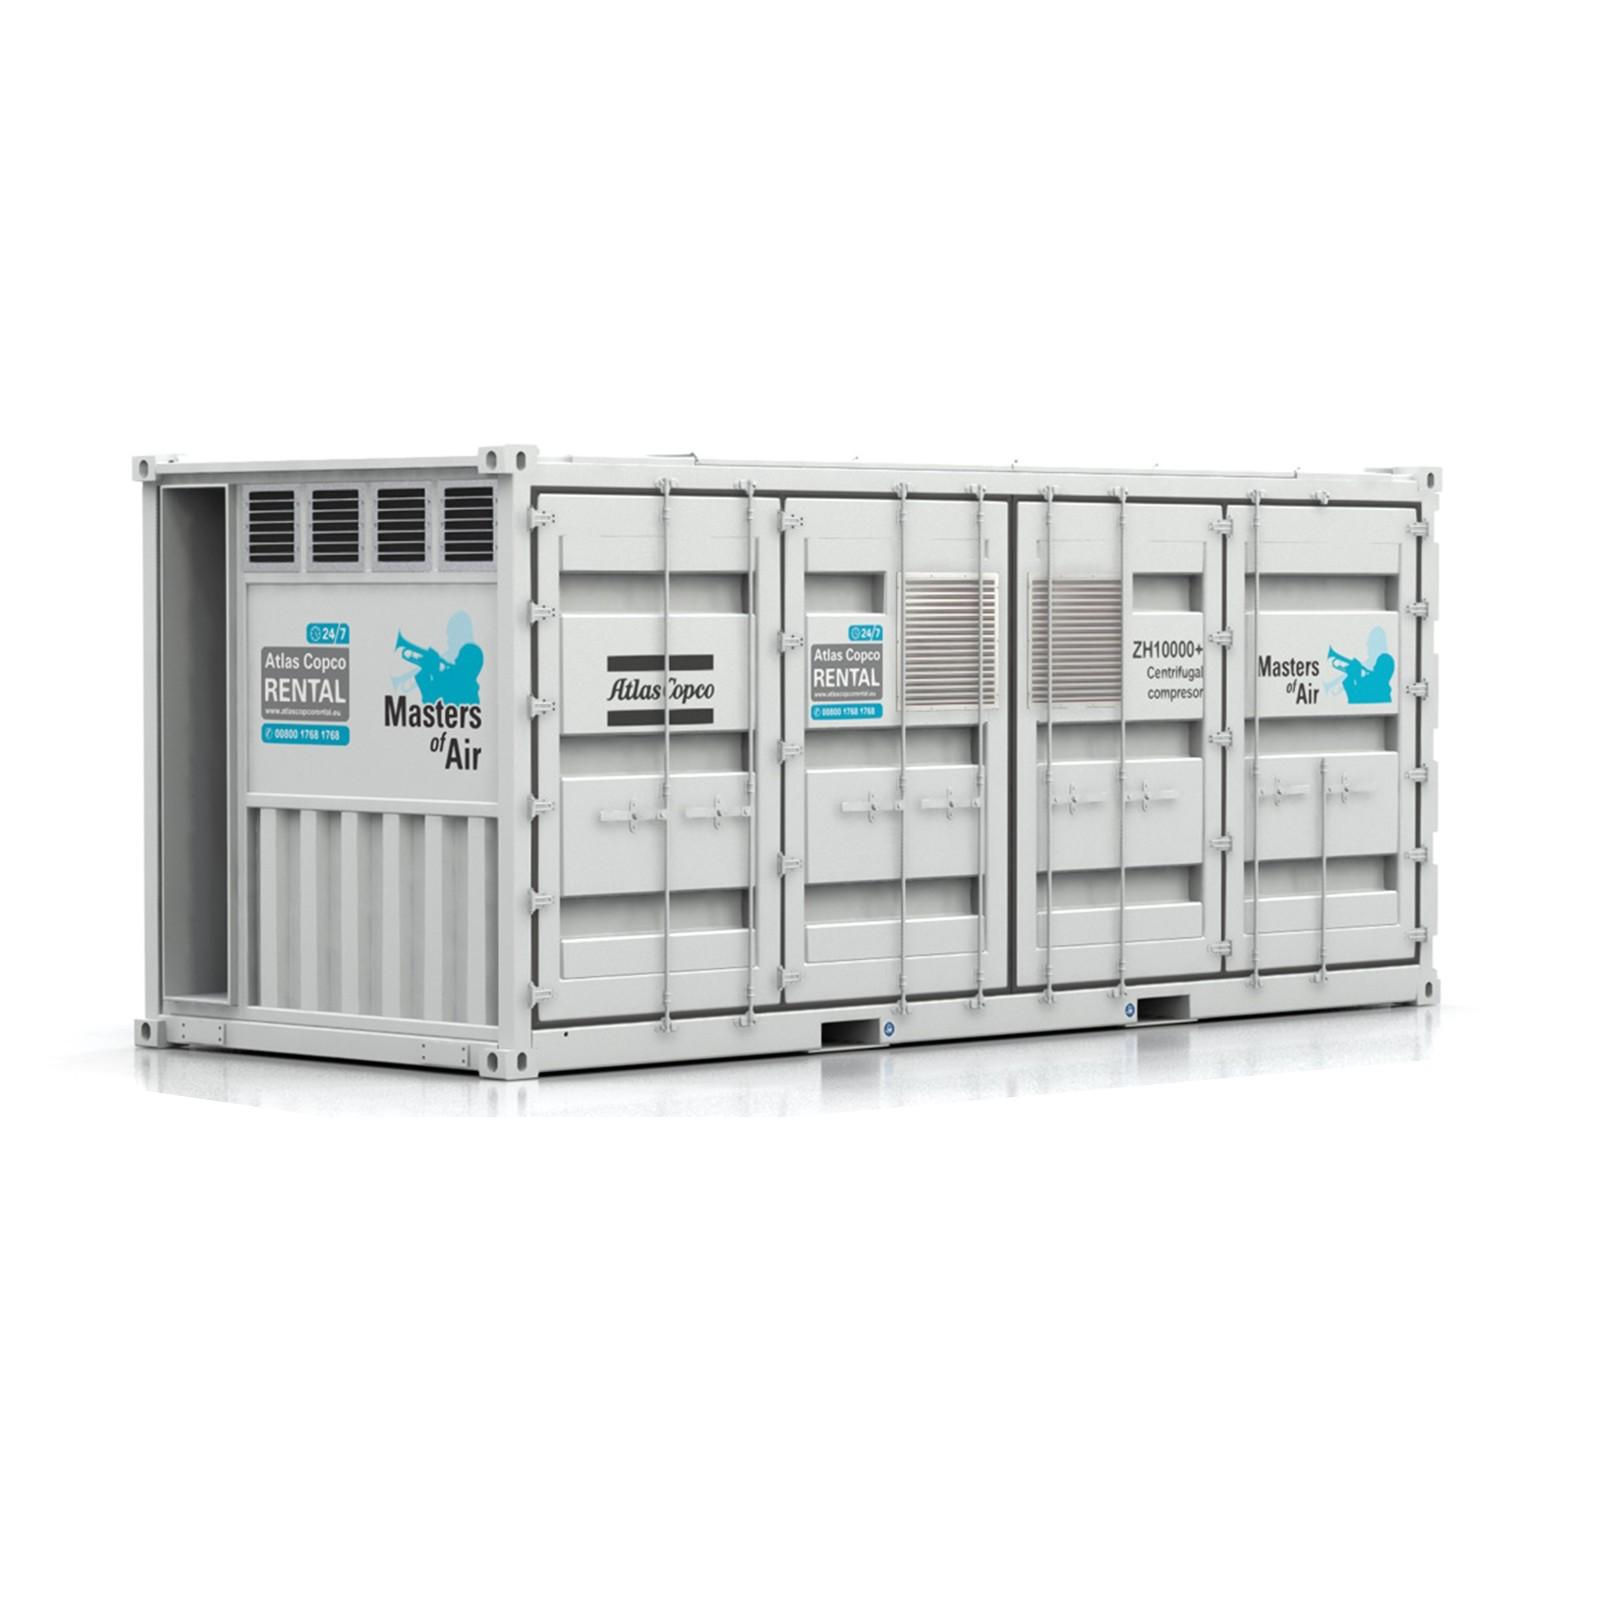 ATLAS COPCO - Location - Compresseur d'air centrifuge ZH 10 000 - 100% exempt d'huile - Volume élevé